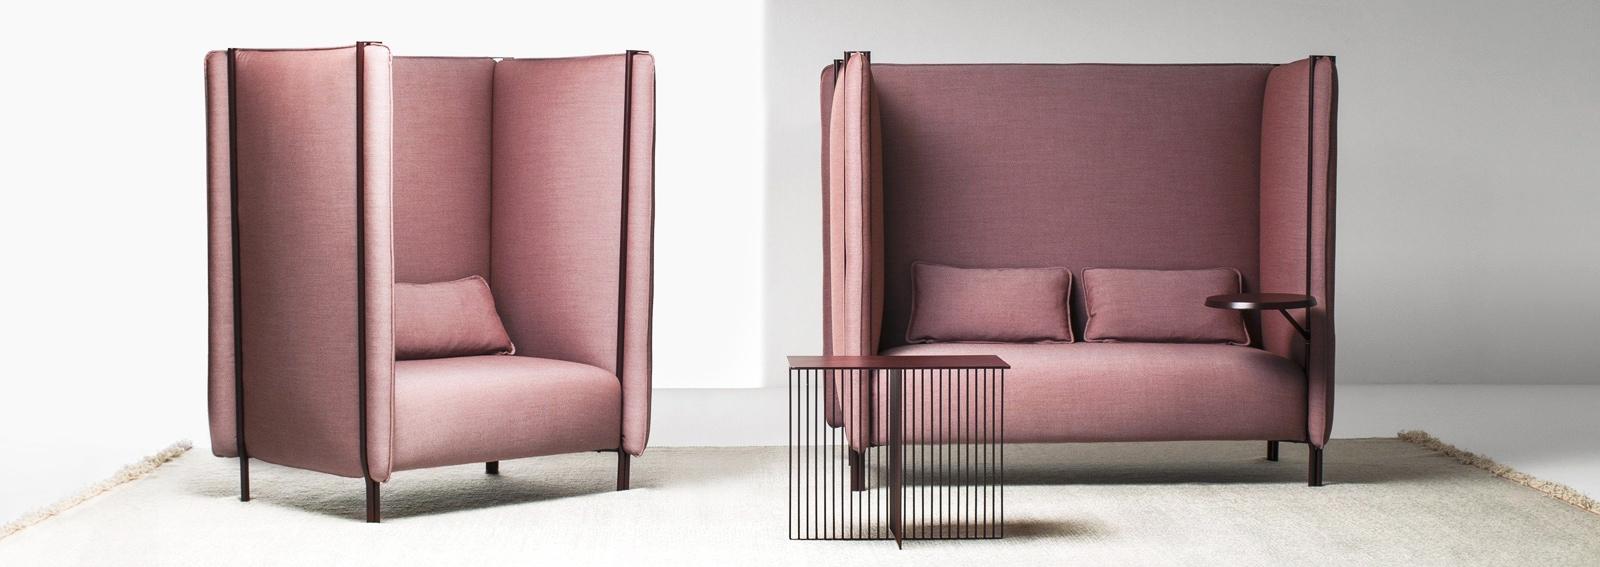 cover-divani-piccoli-desktop